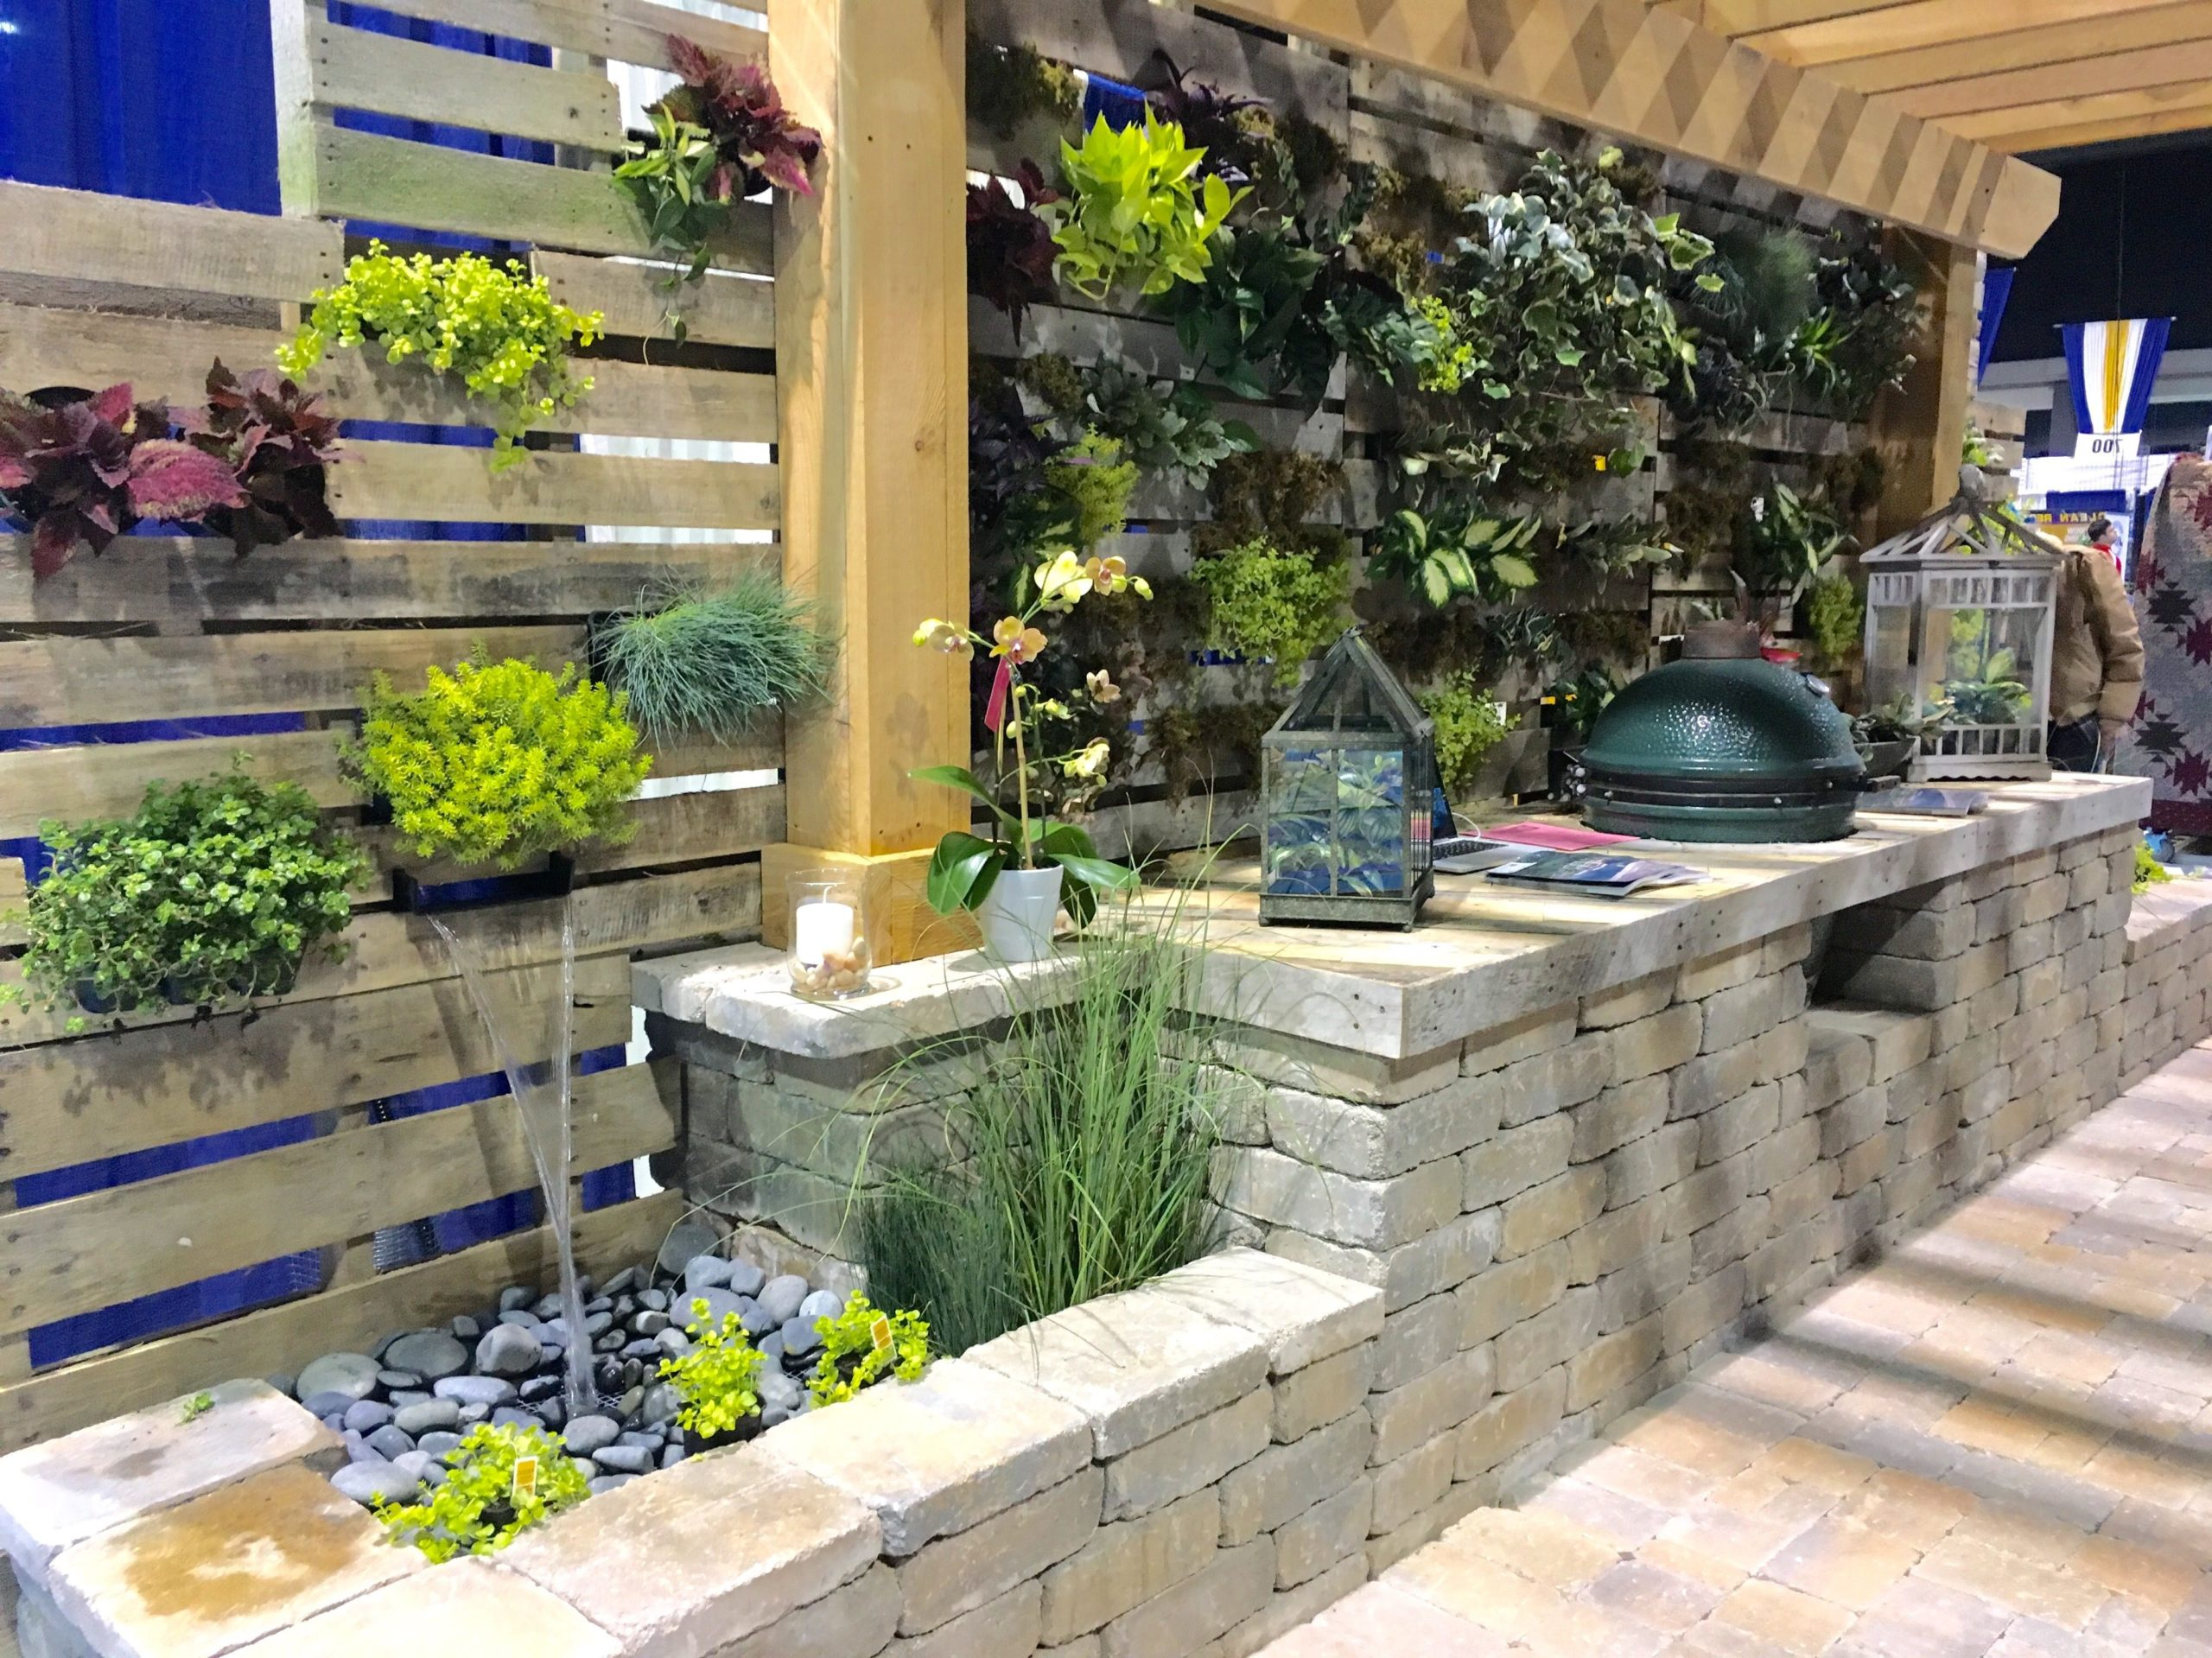 Mur végétal réalisé avec des palettes.